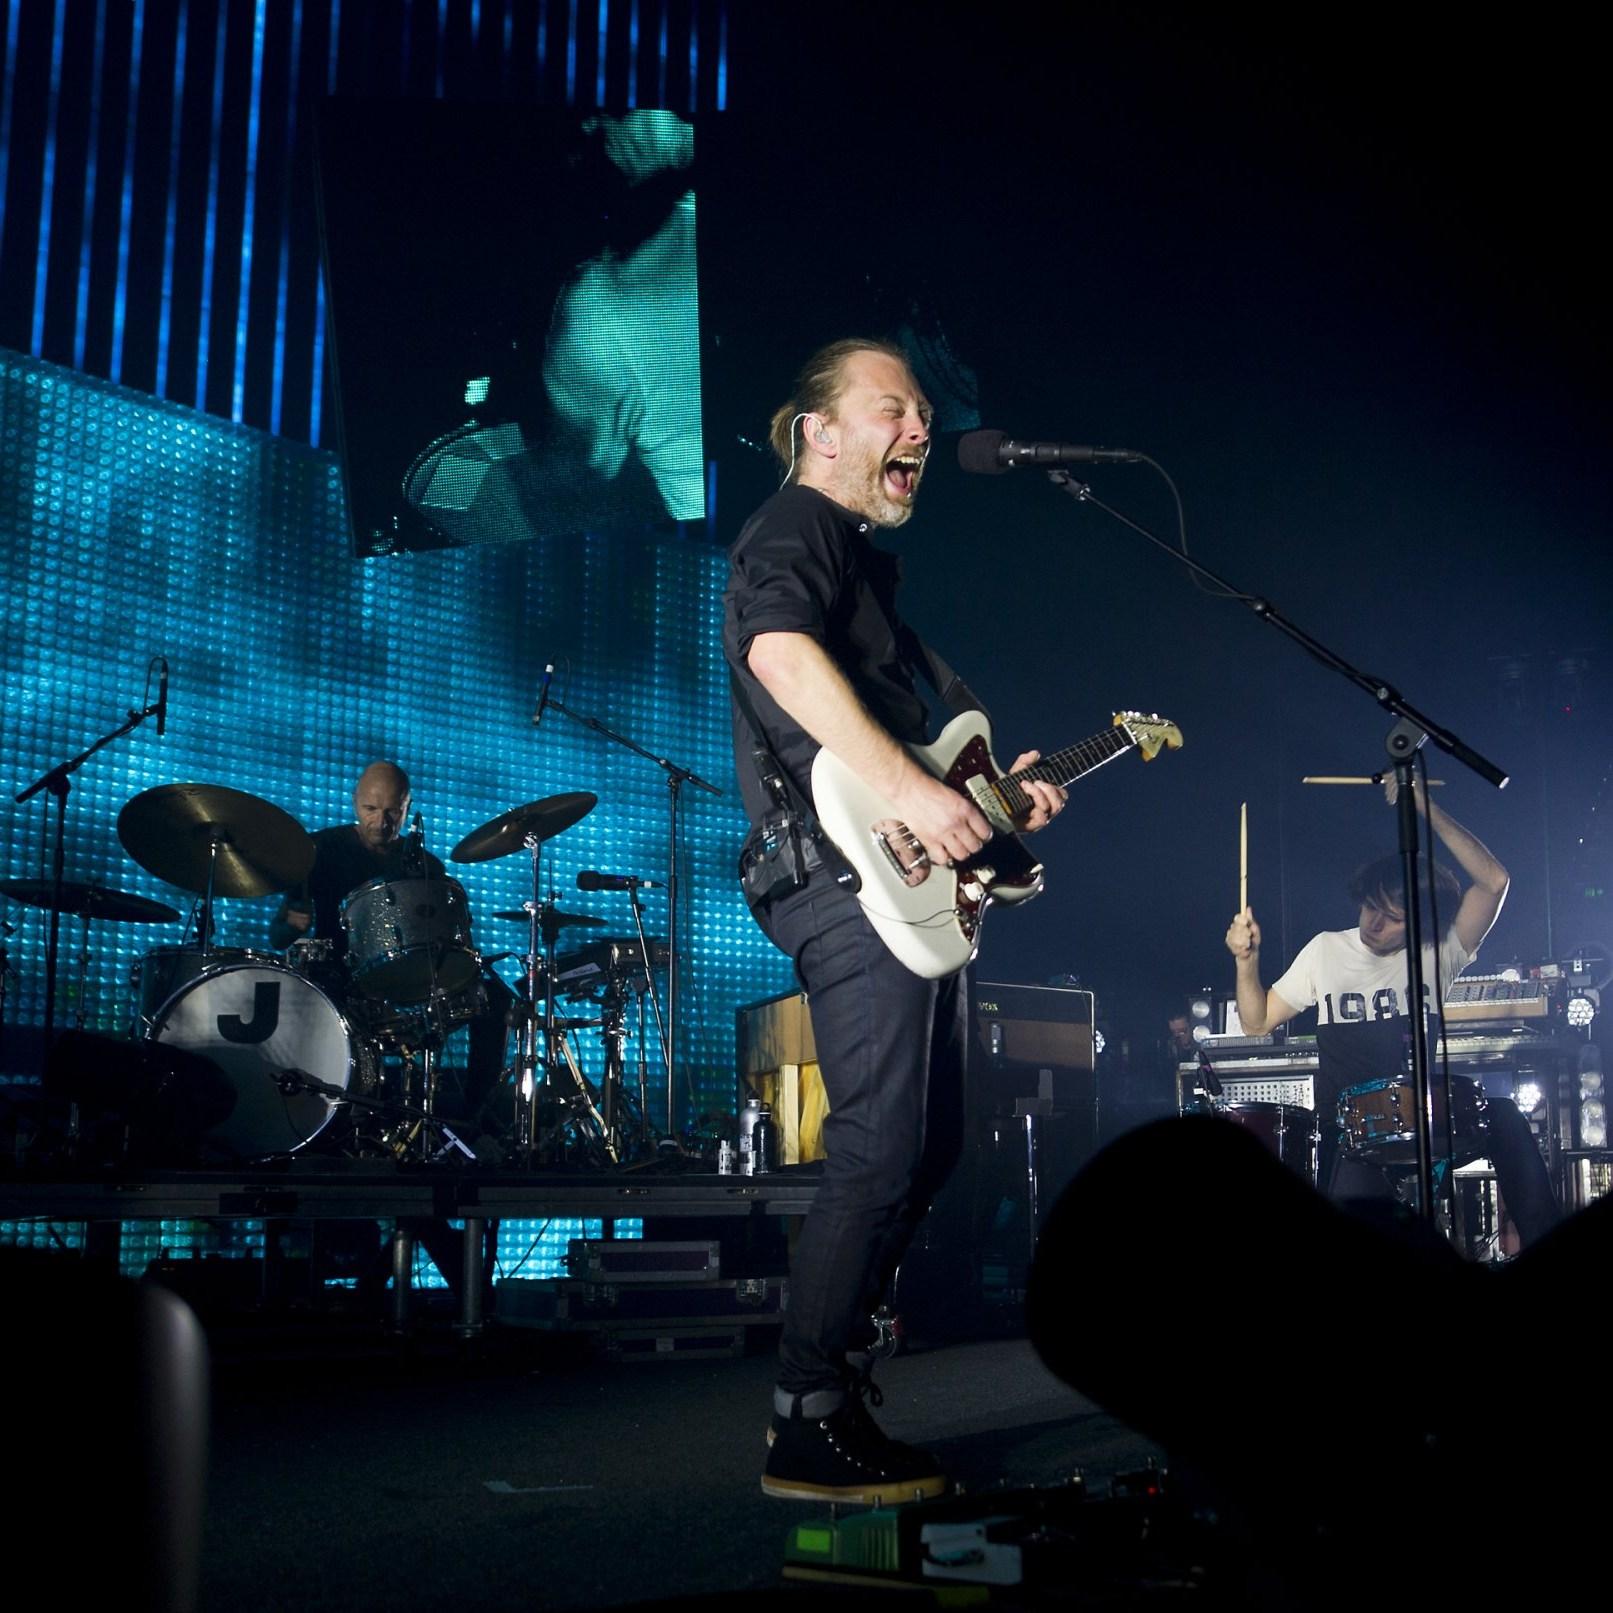 Онлайн-трансляции архивных выступлений Radiohead